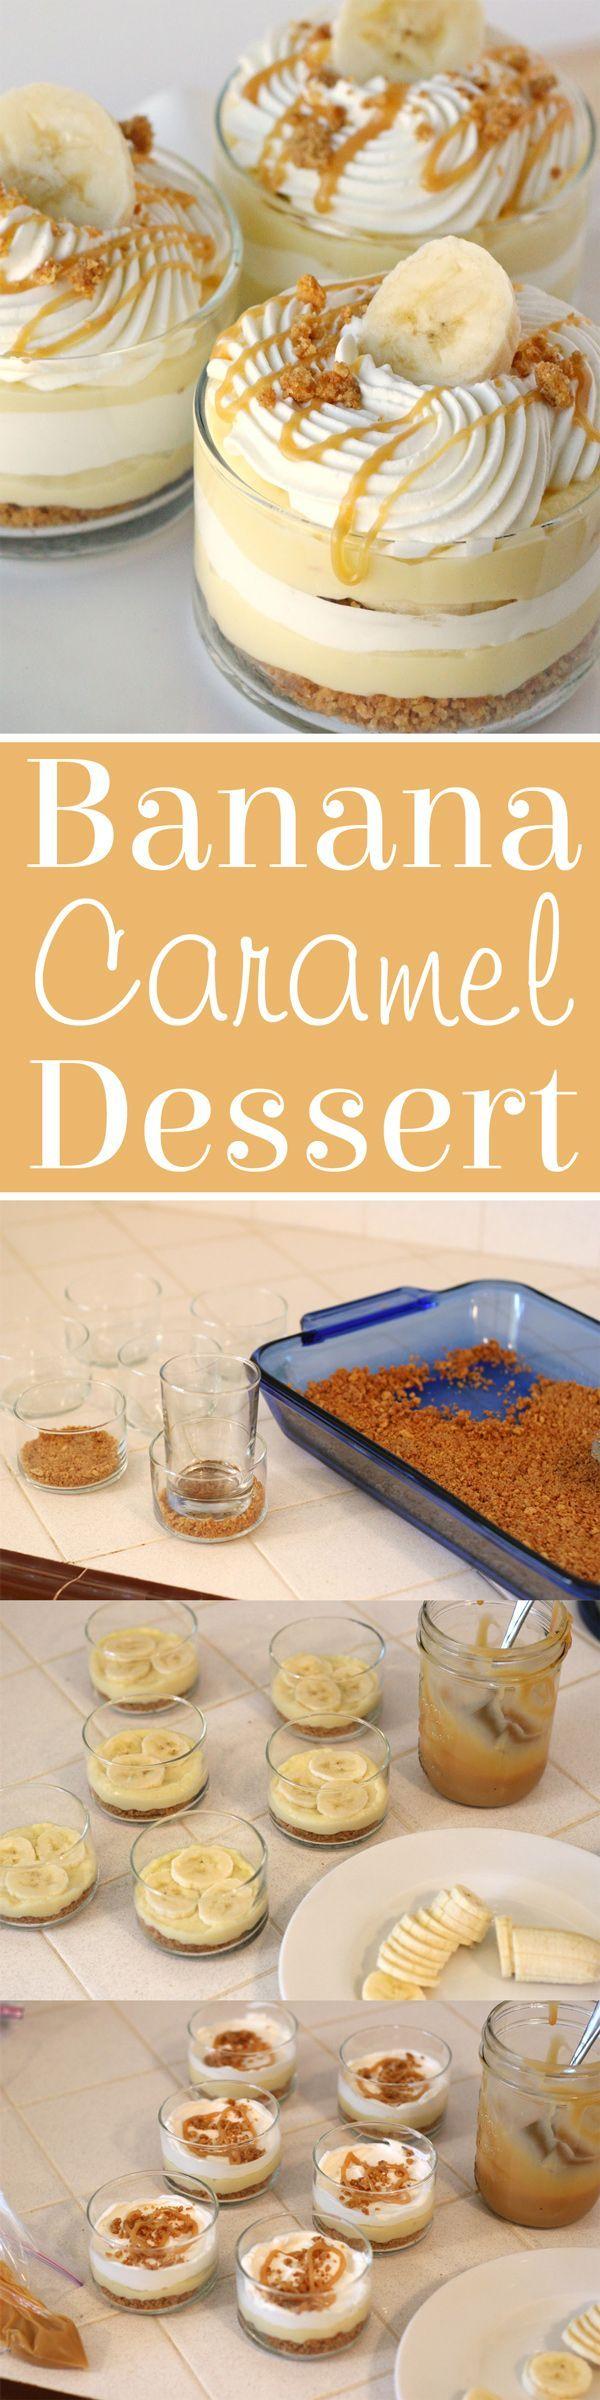 Simply the BEST dessert! Homemade pastry cream, fresh banana, caramel... SO GOOD!